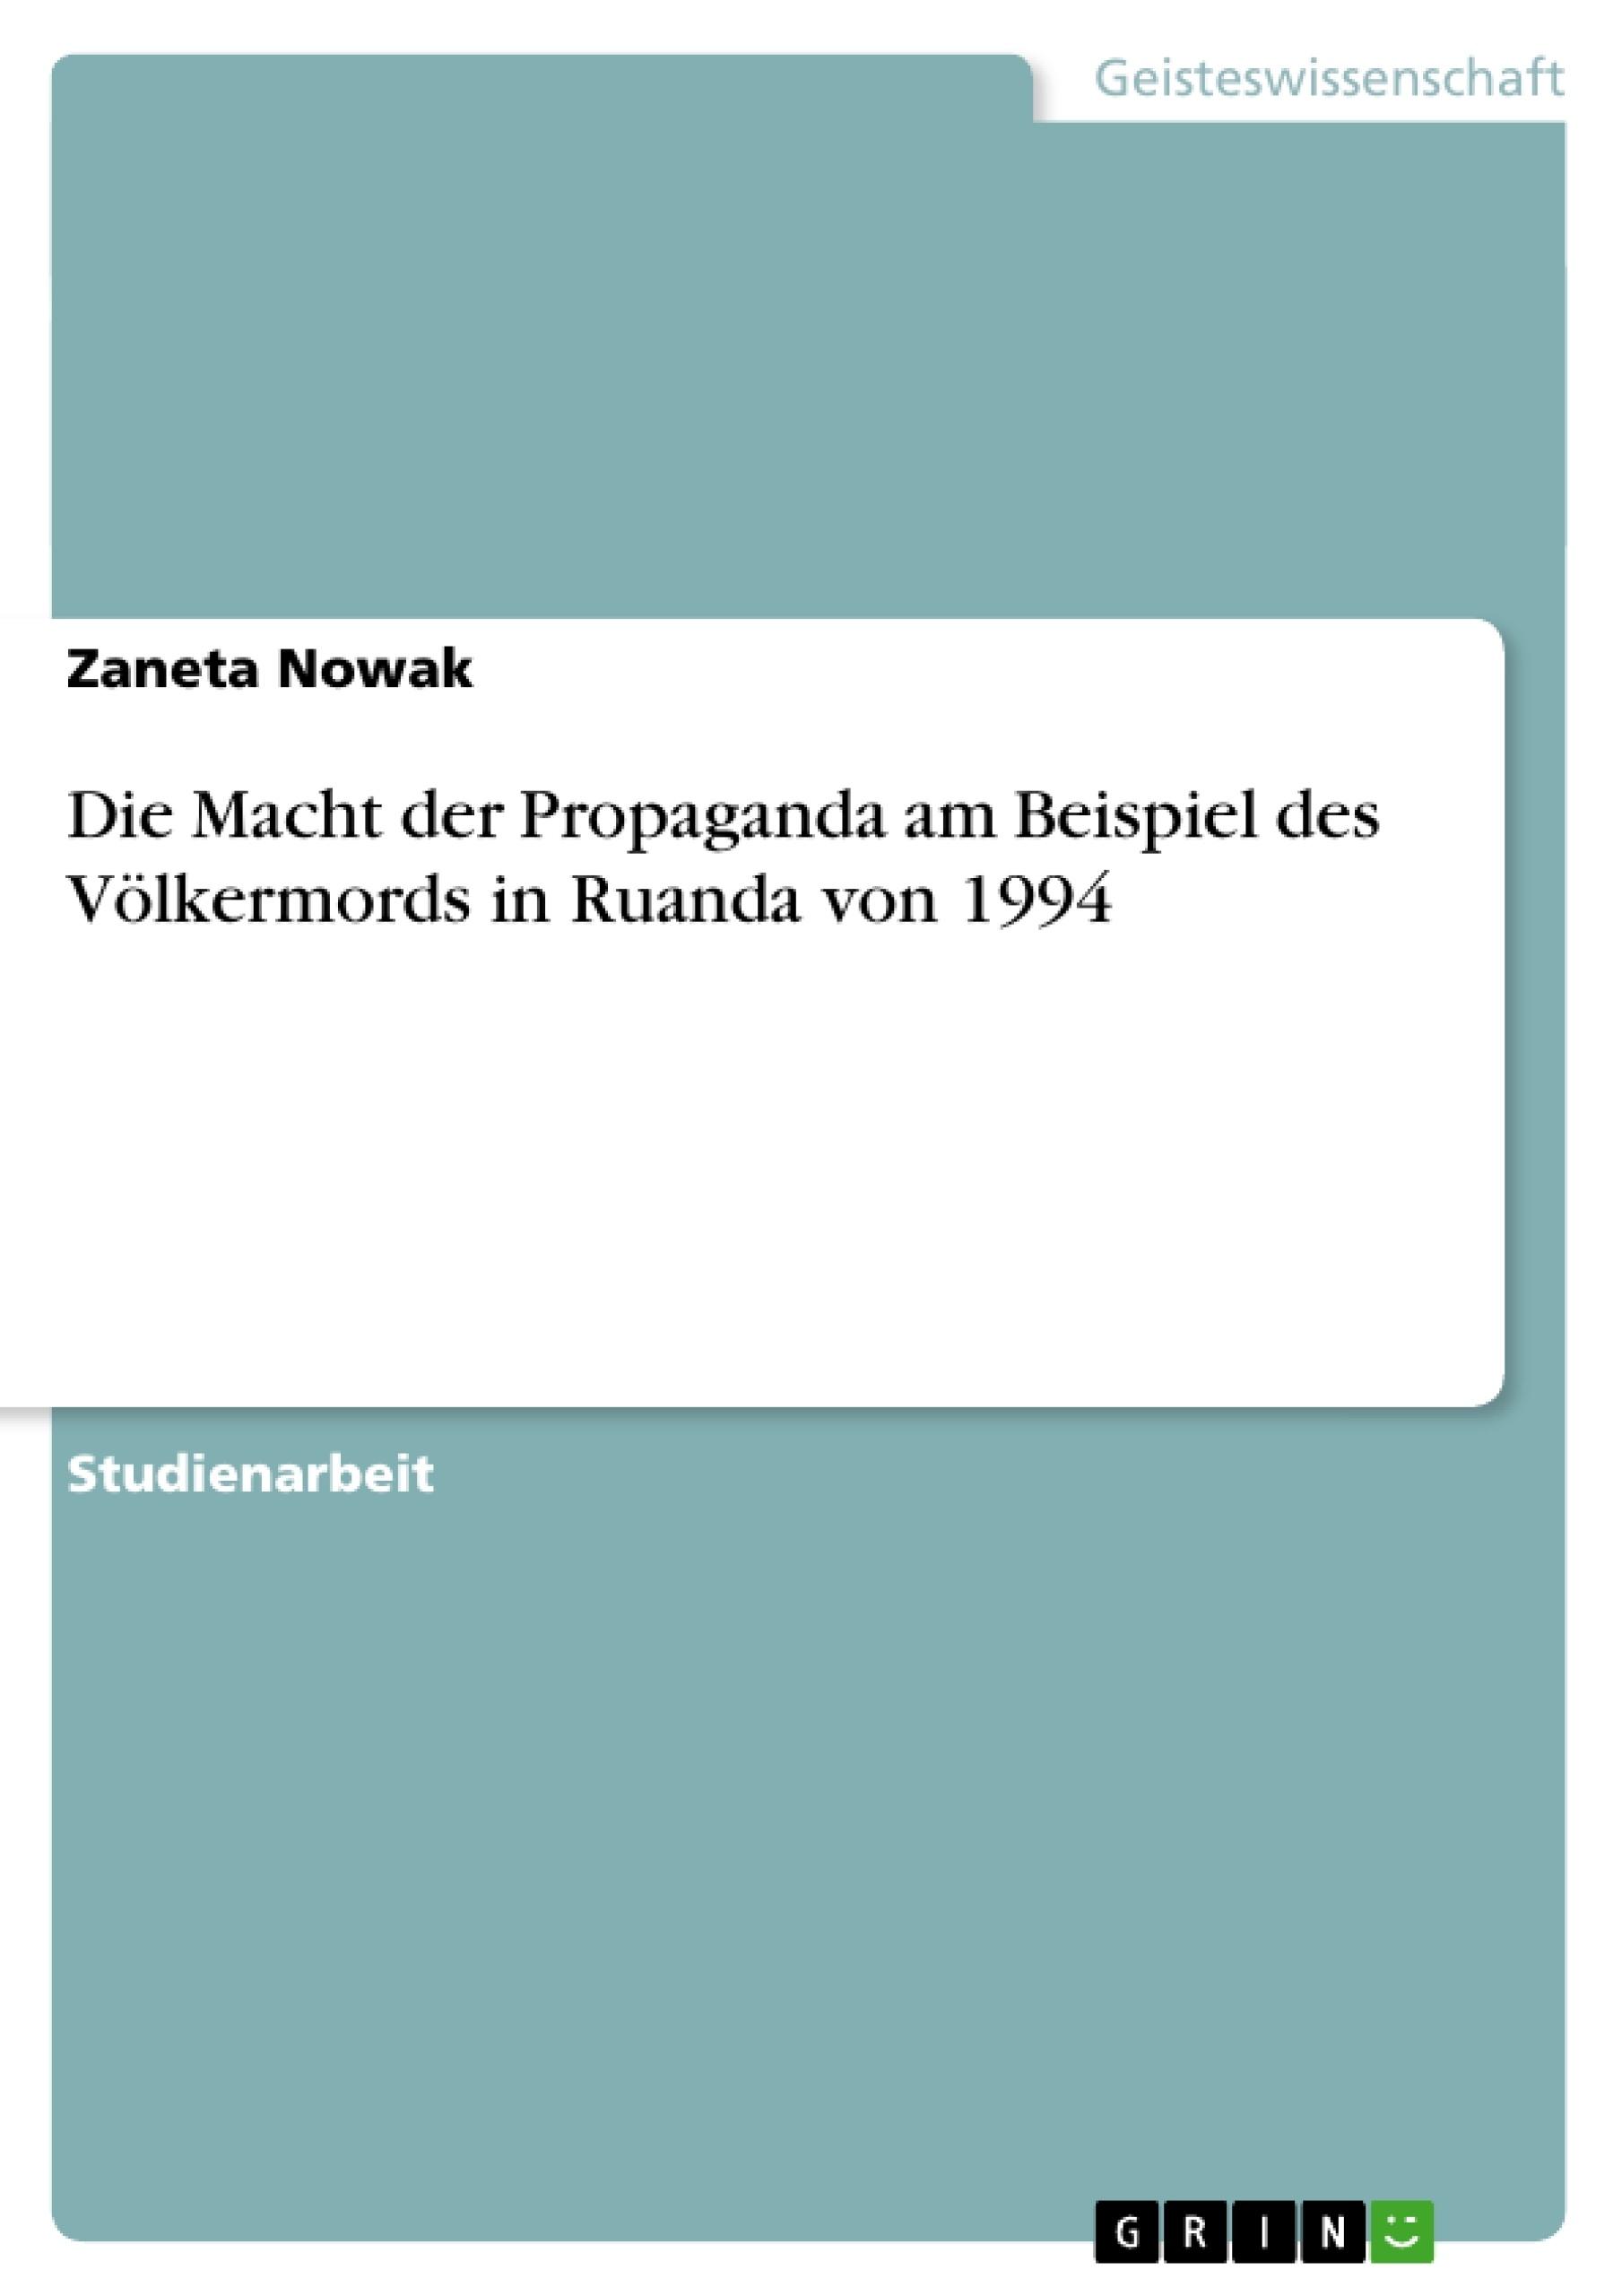 Titel: Die Macht der Propaganda am Beispiel des Völkermords in Ruanda von 1994